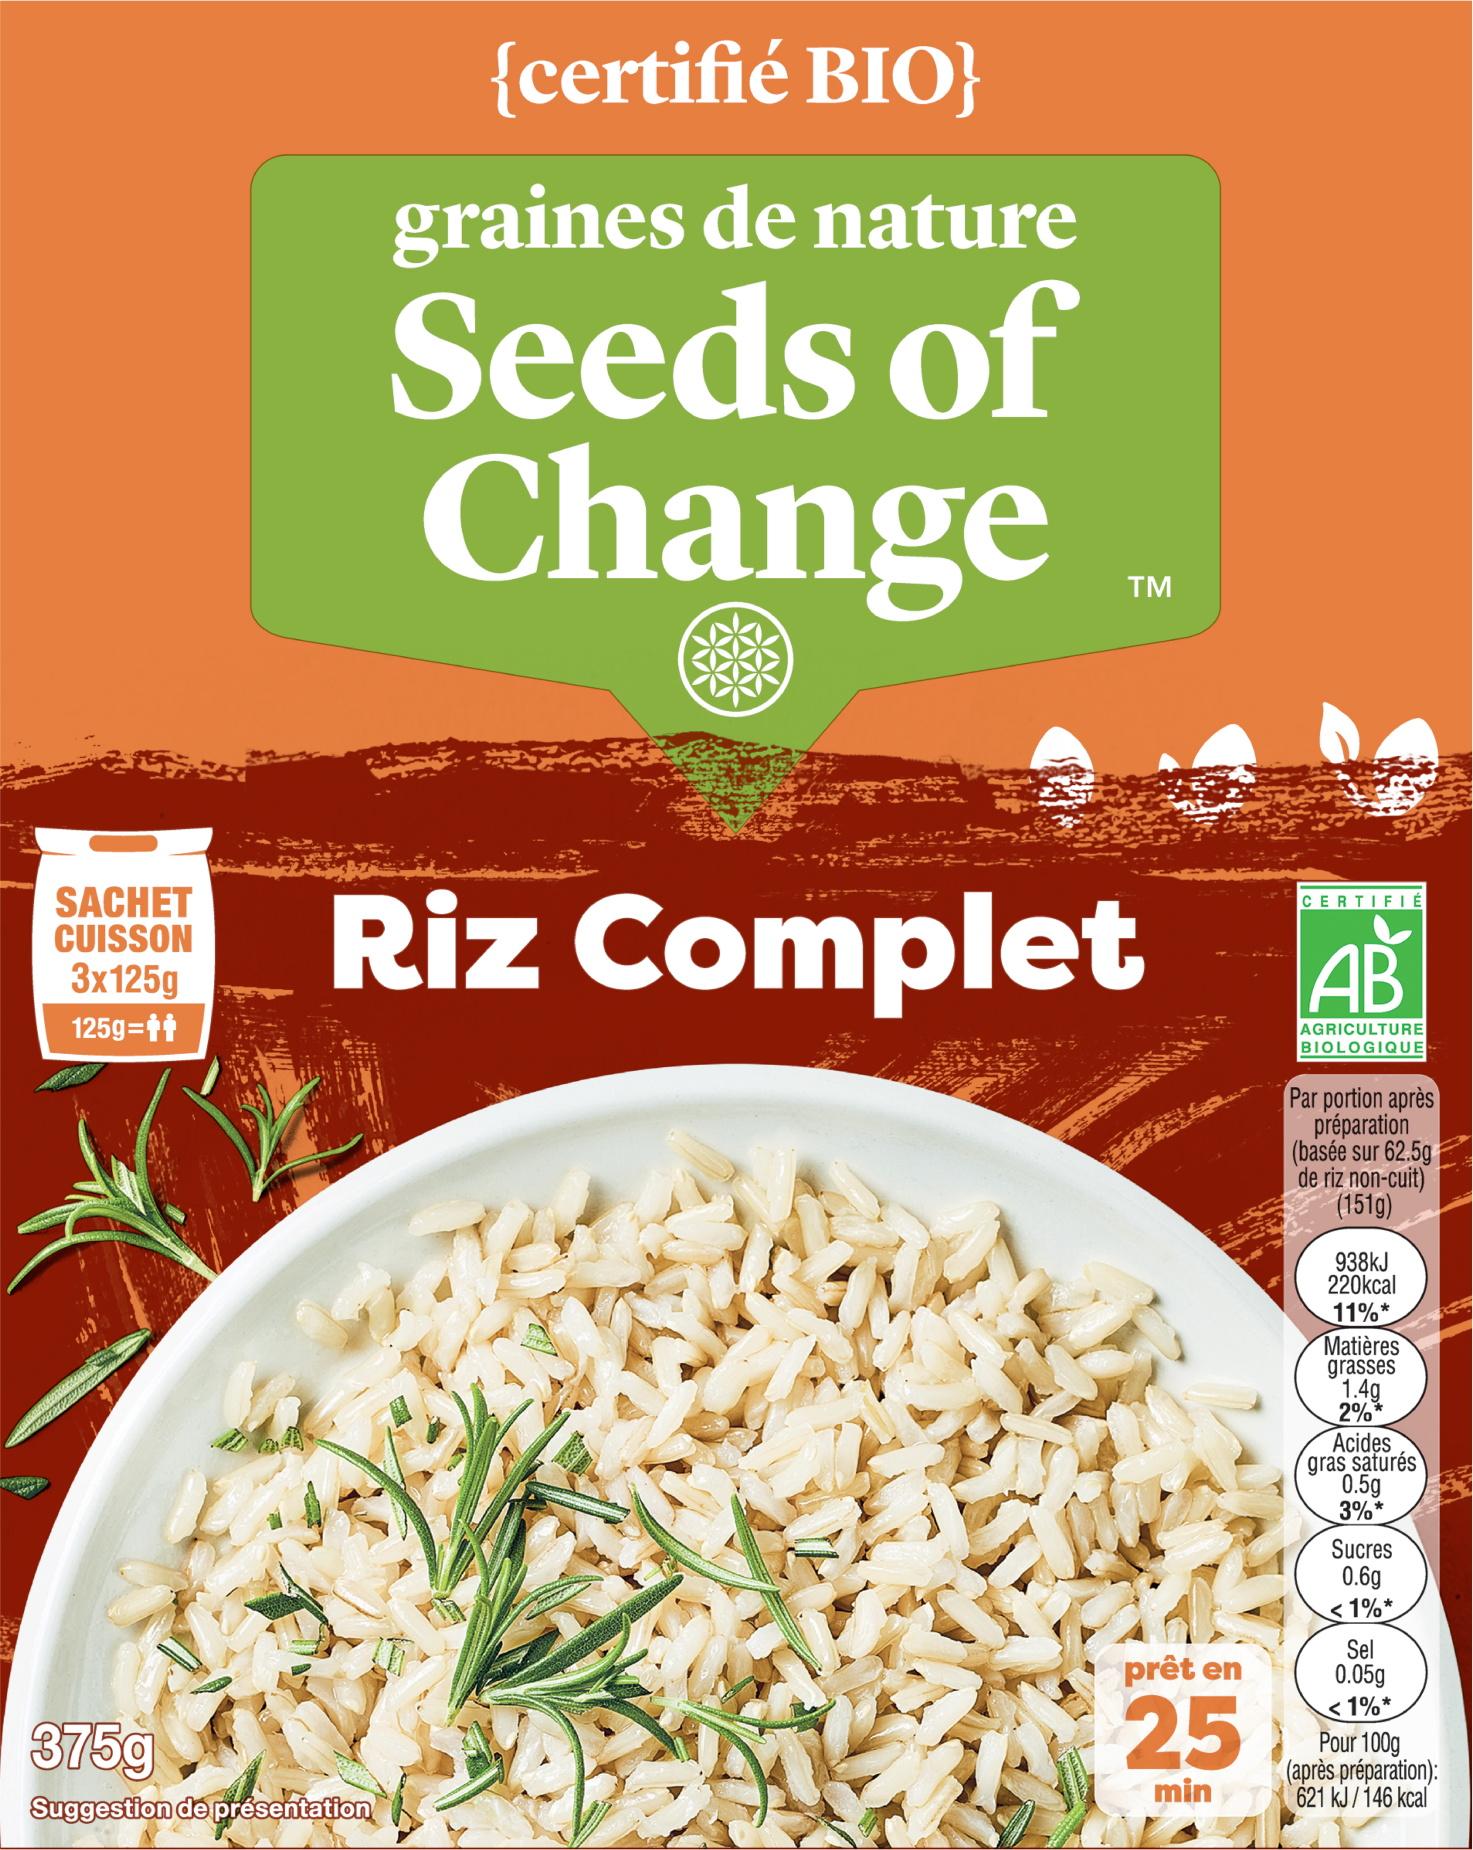 Riz complet - graines de nature - Seeds of Change propose des mélanges de céréales inédits